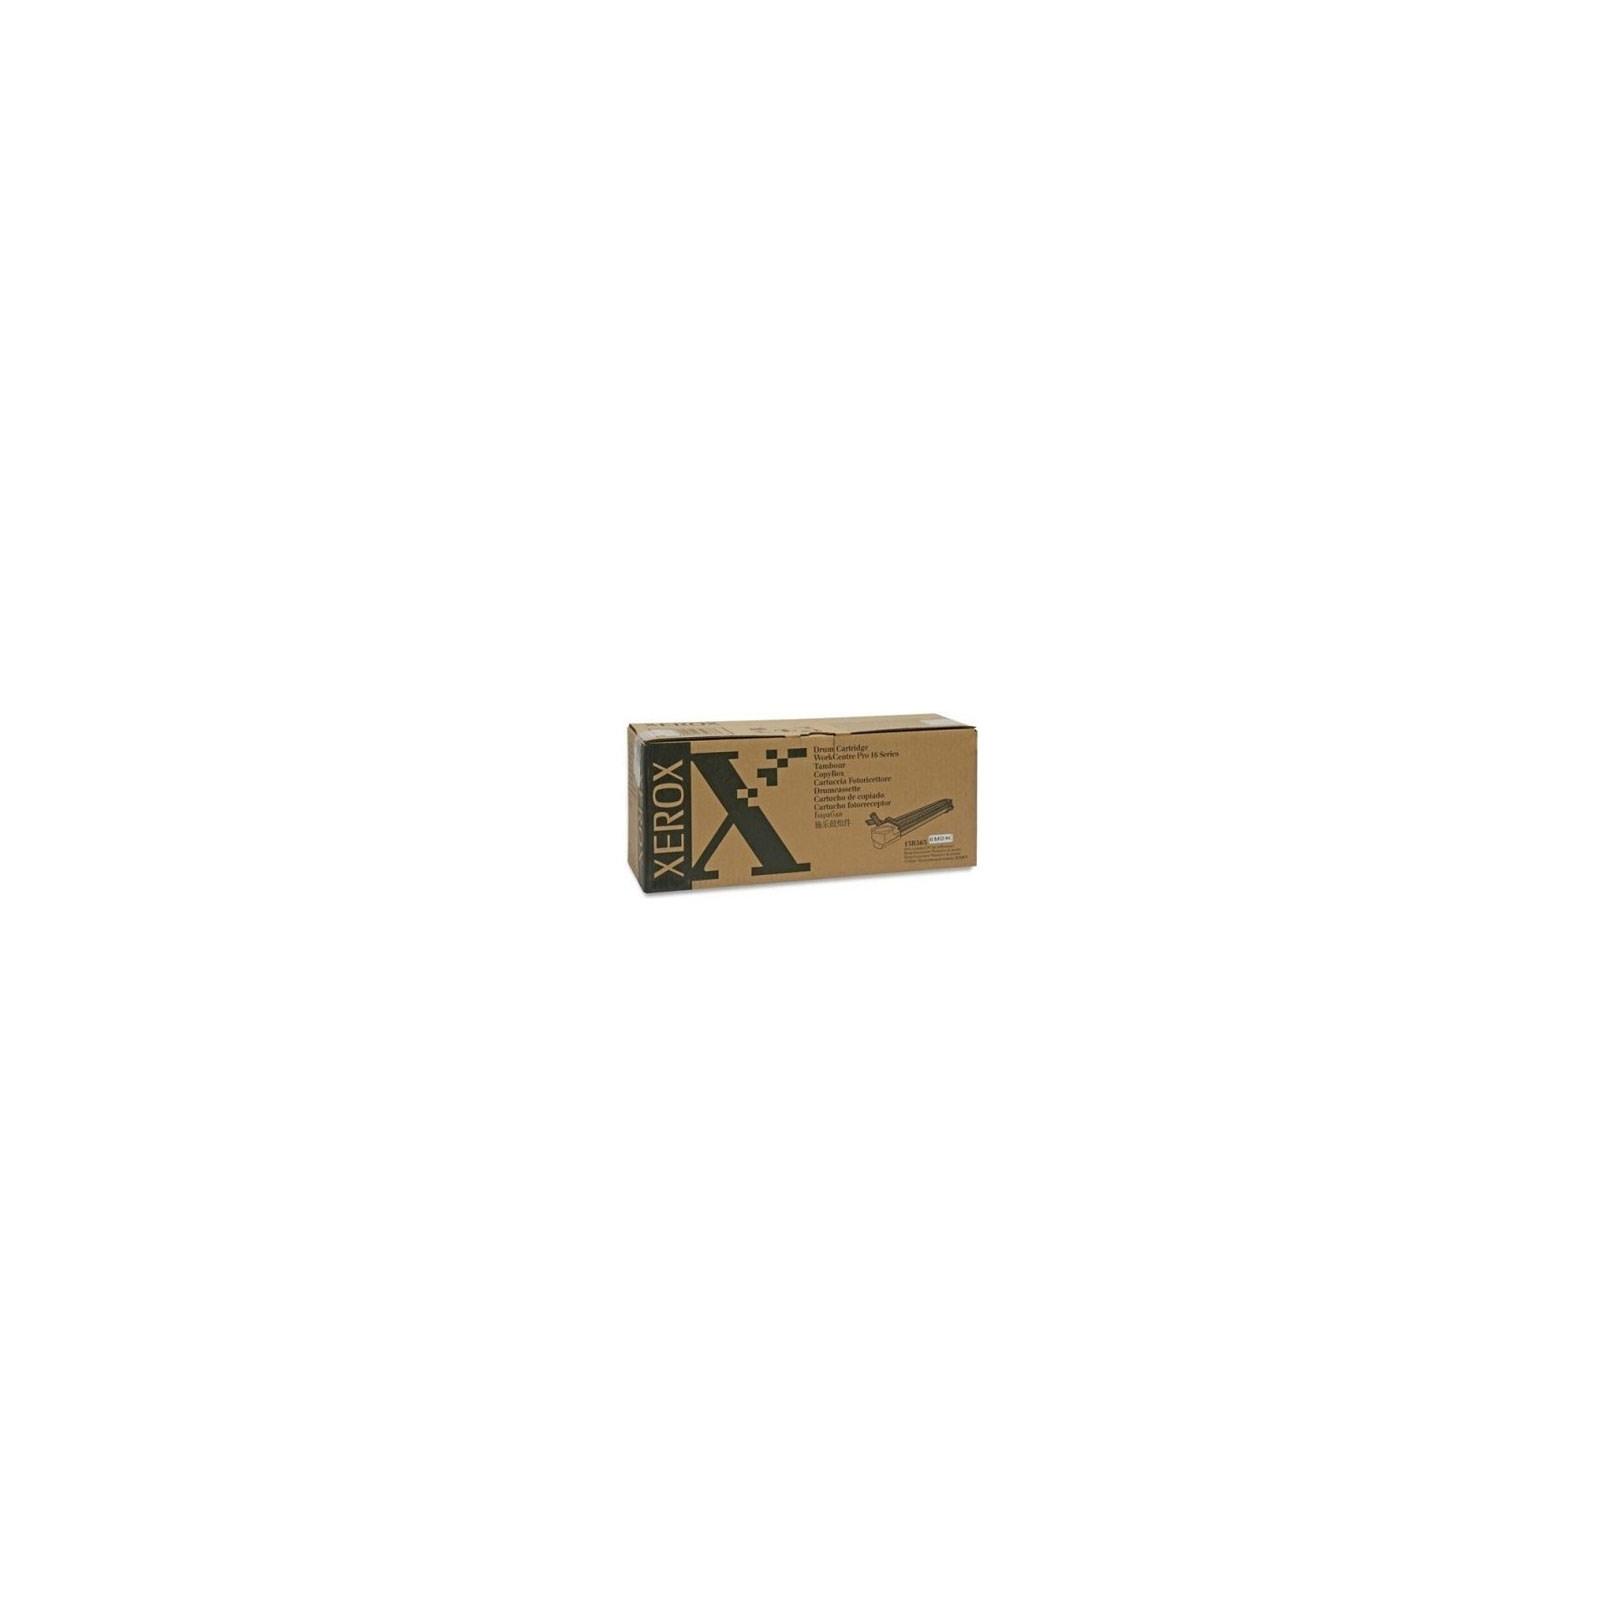 Драм картридж XEROX 700DCP Black (013R00655)